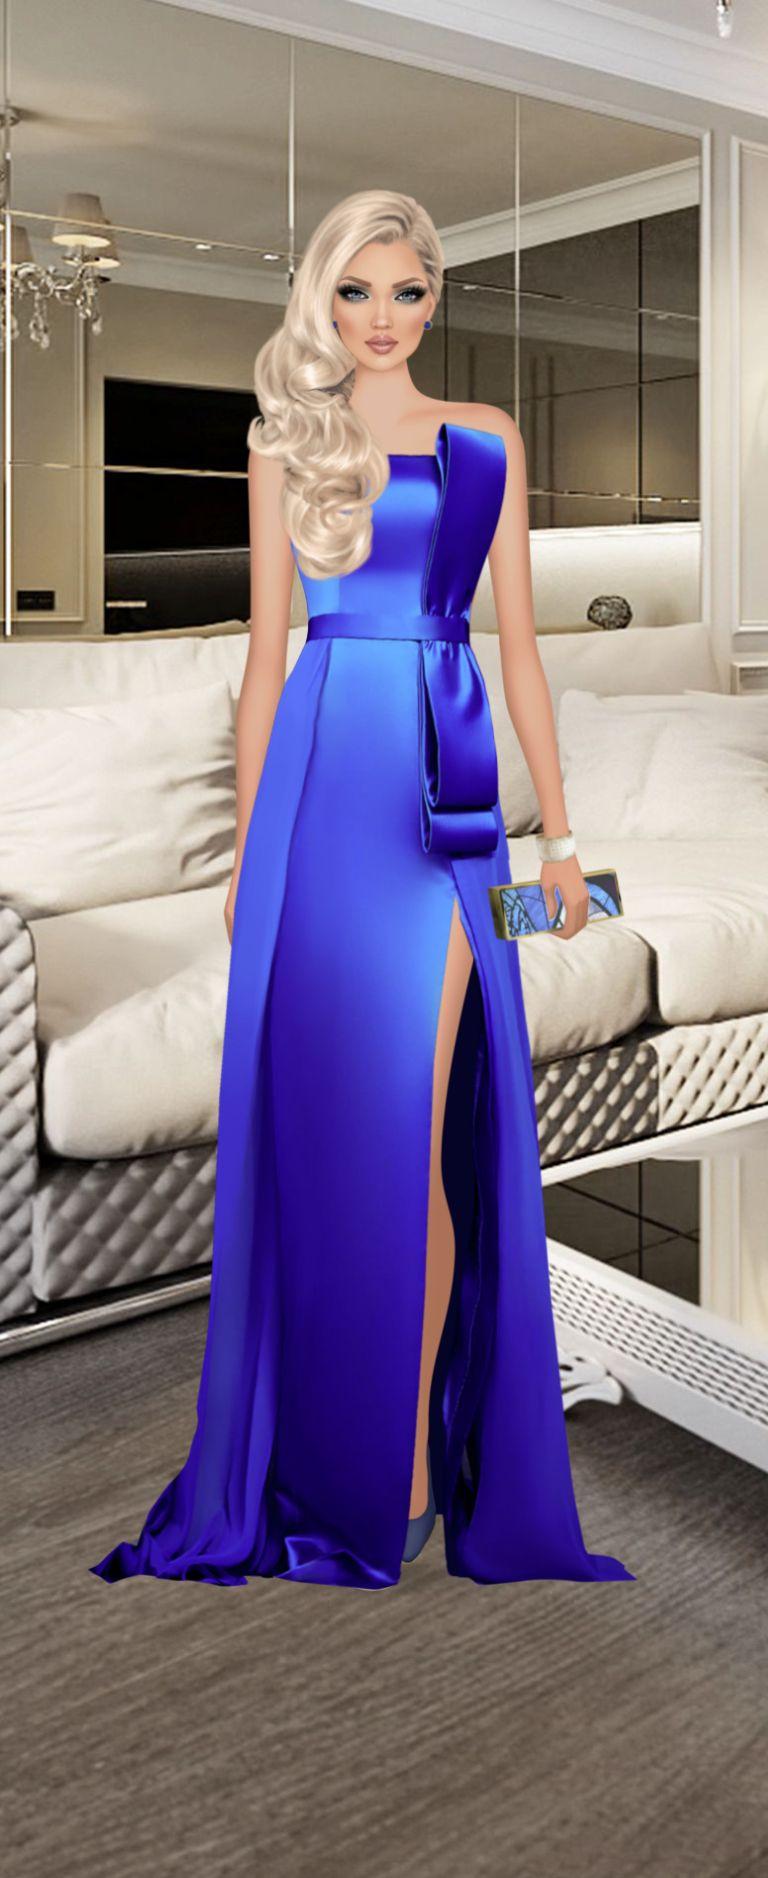 Queen of the Industry | Dresses | Pinterest | Ilustraciones de moda ...